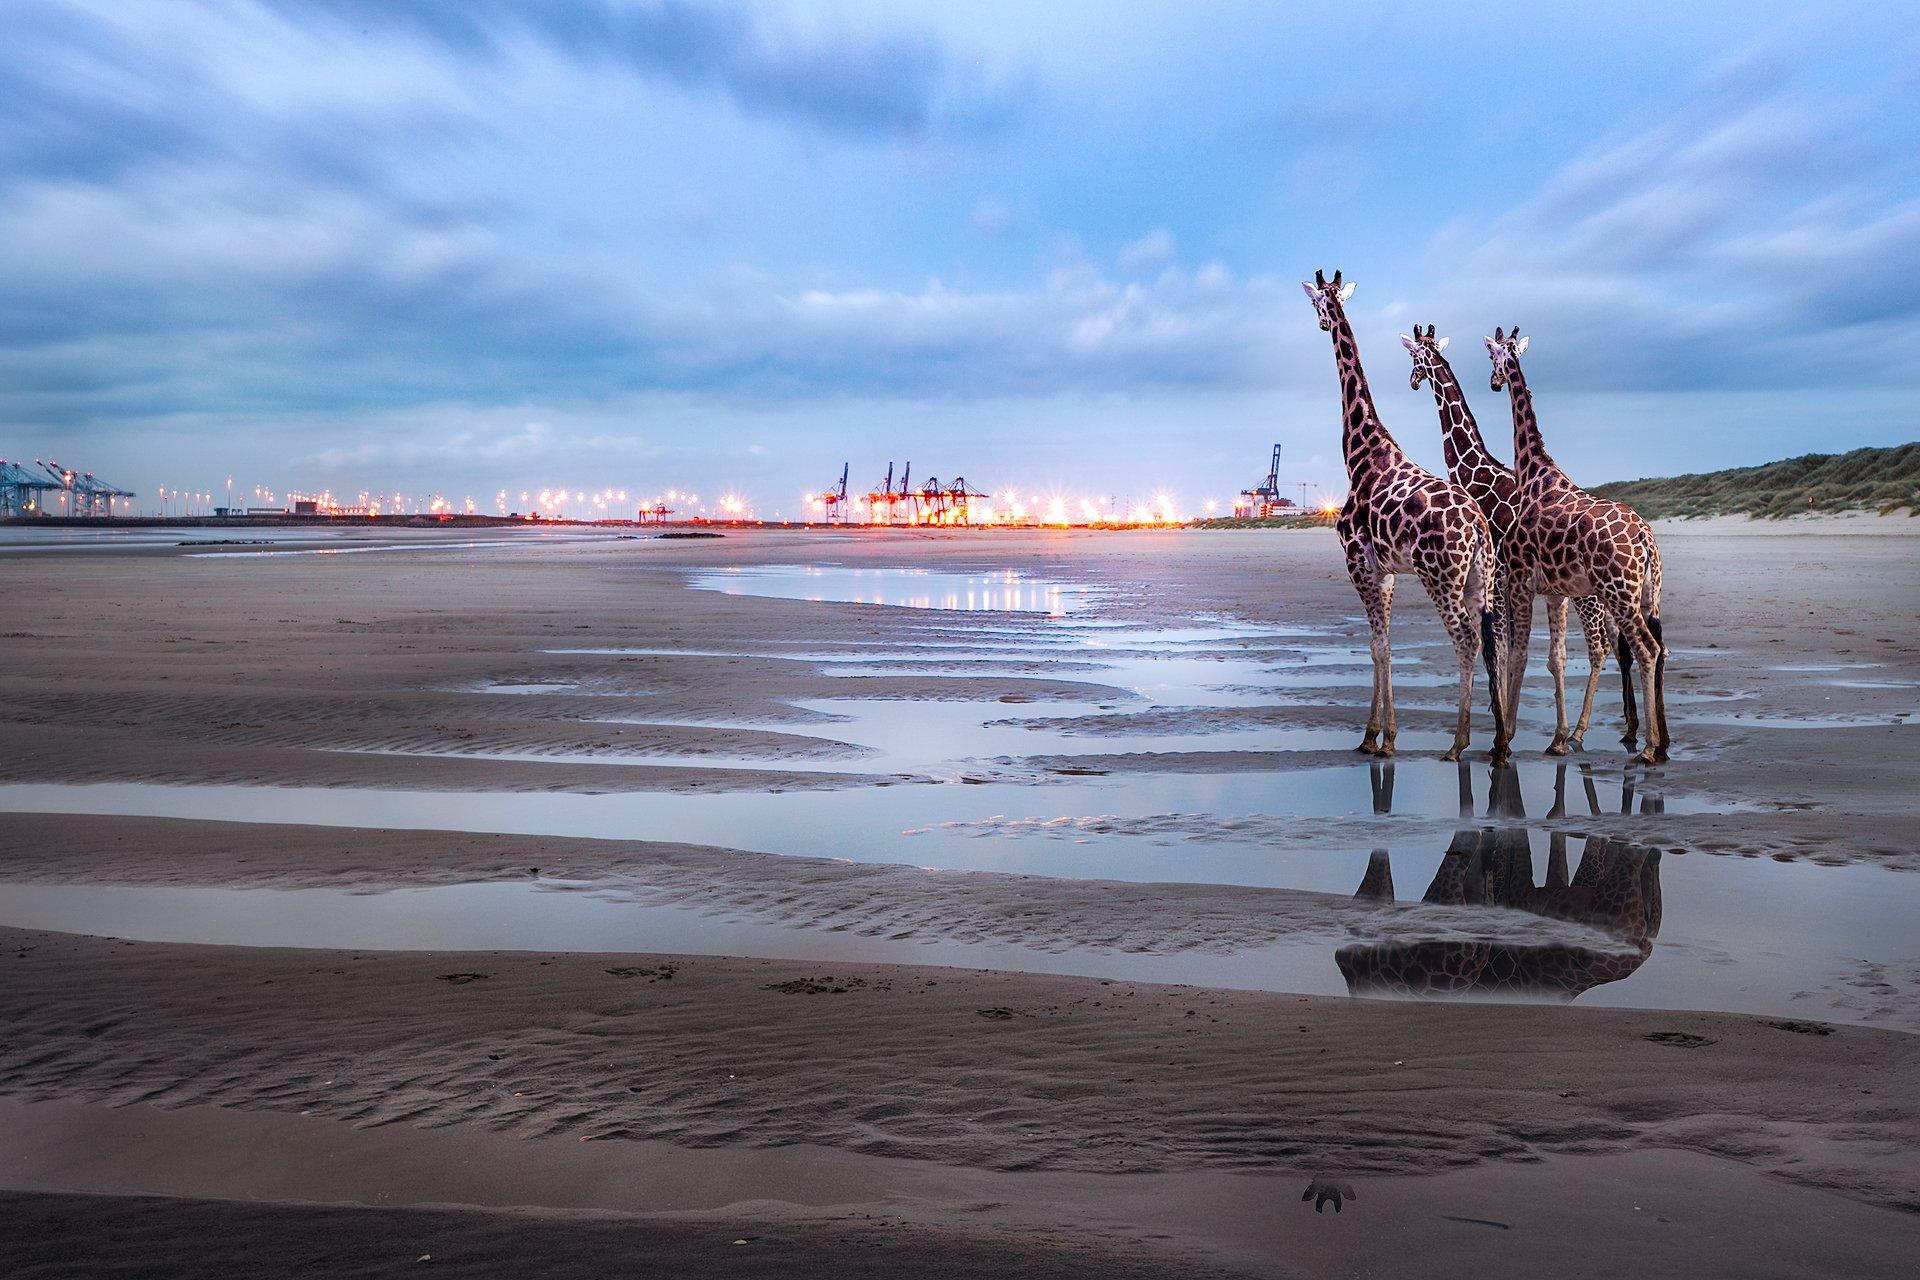 море, пляж, жирафы, подъемные краны, фонари, отражение, лужи, литораль, Андрей Огнев